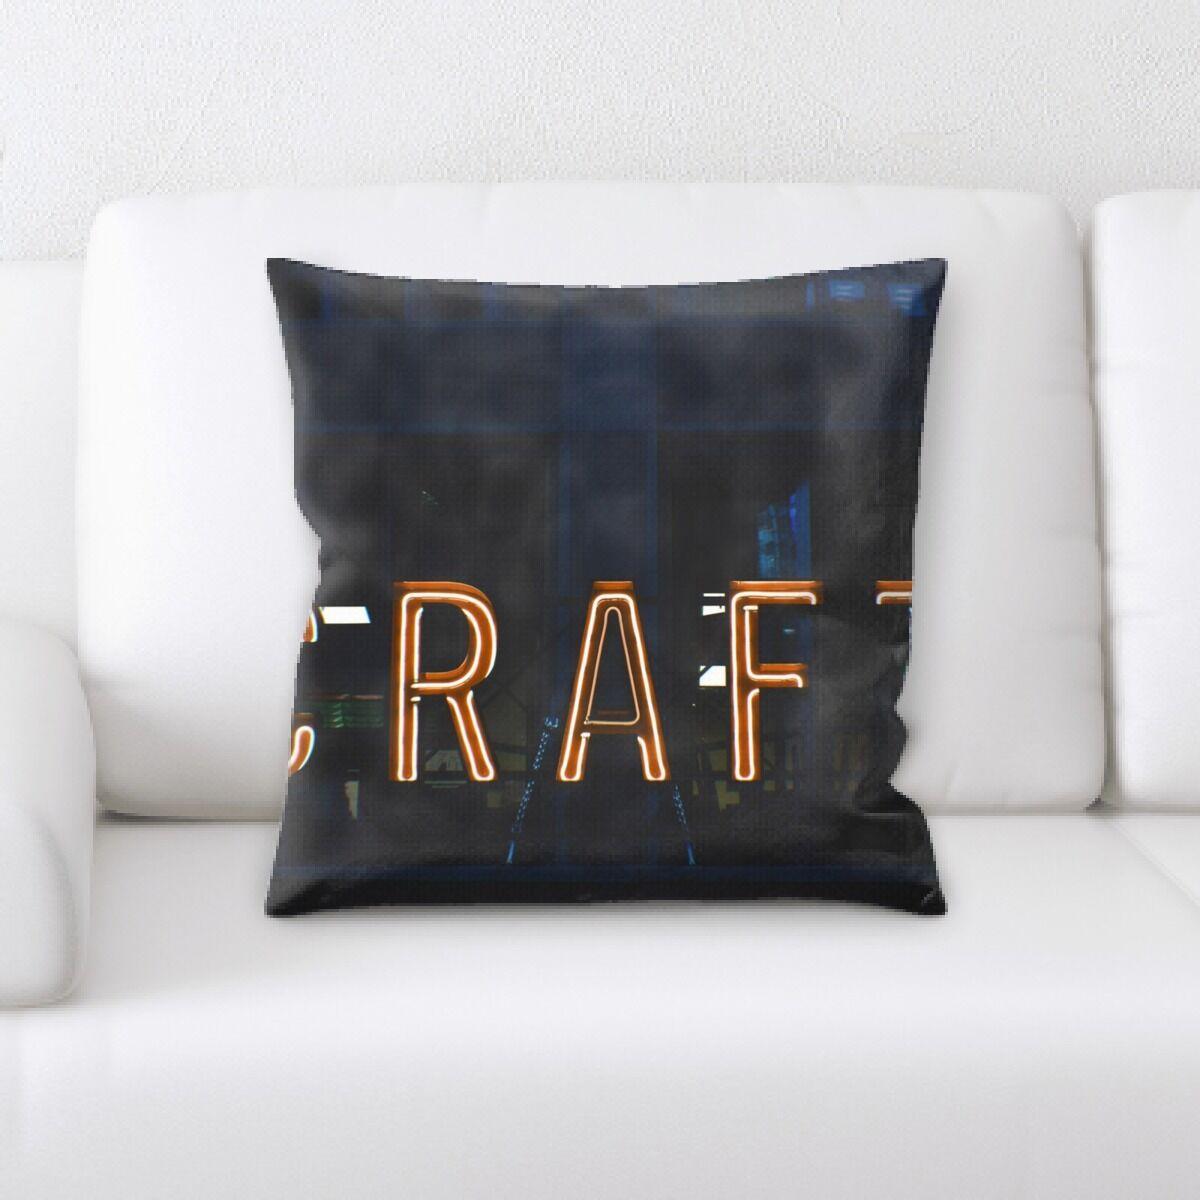 Waithman Neon (247) Throw Pillow